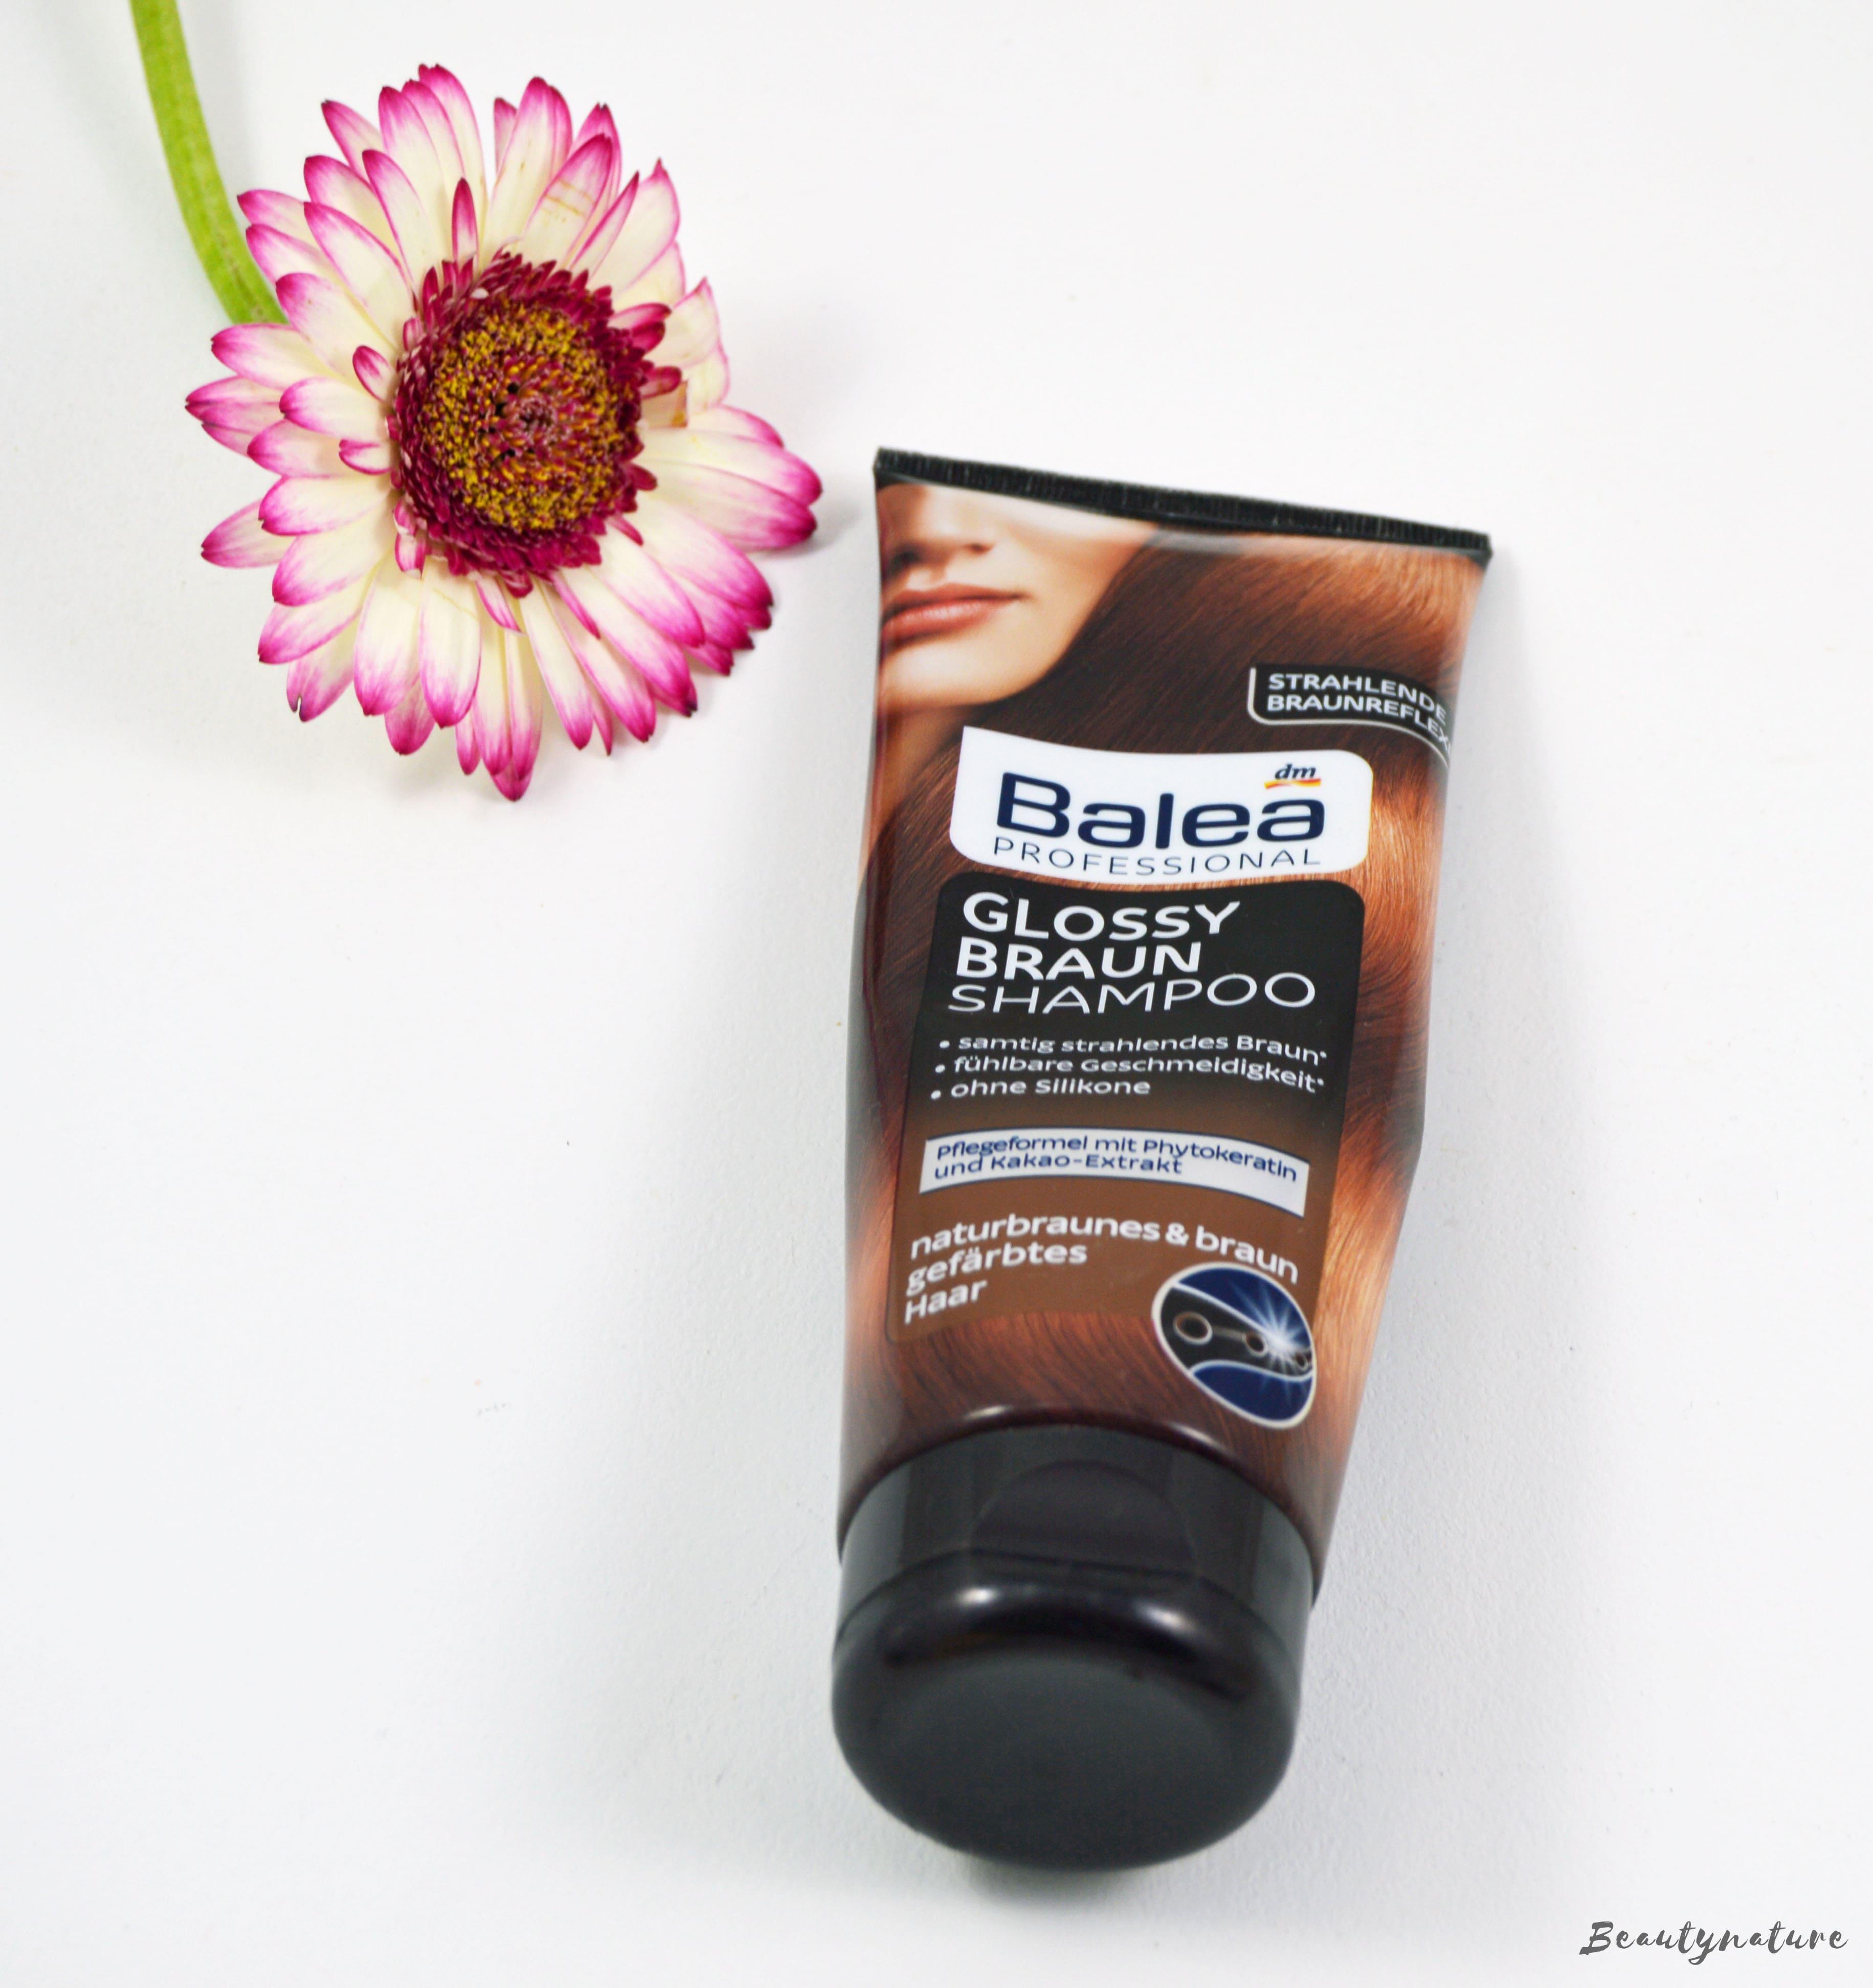 Balea Professional Glossy Braun Shampoo